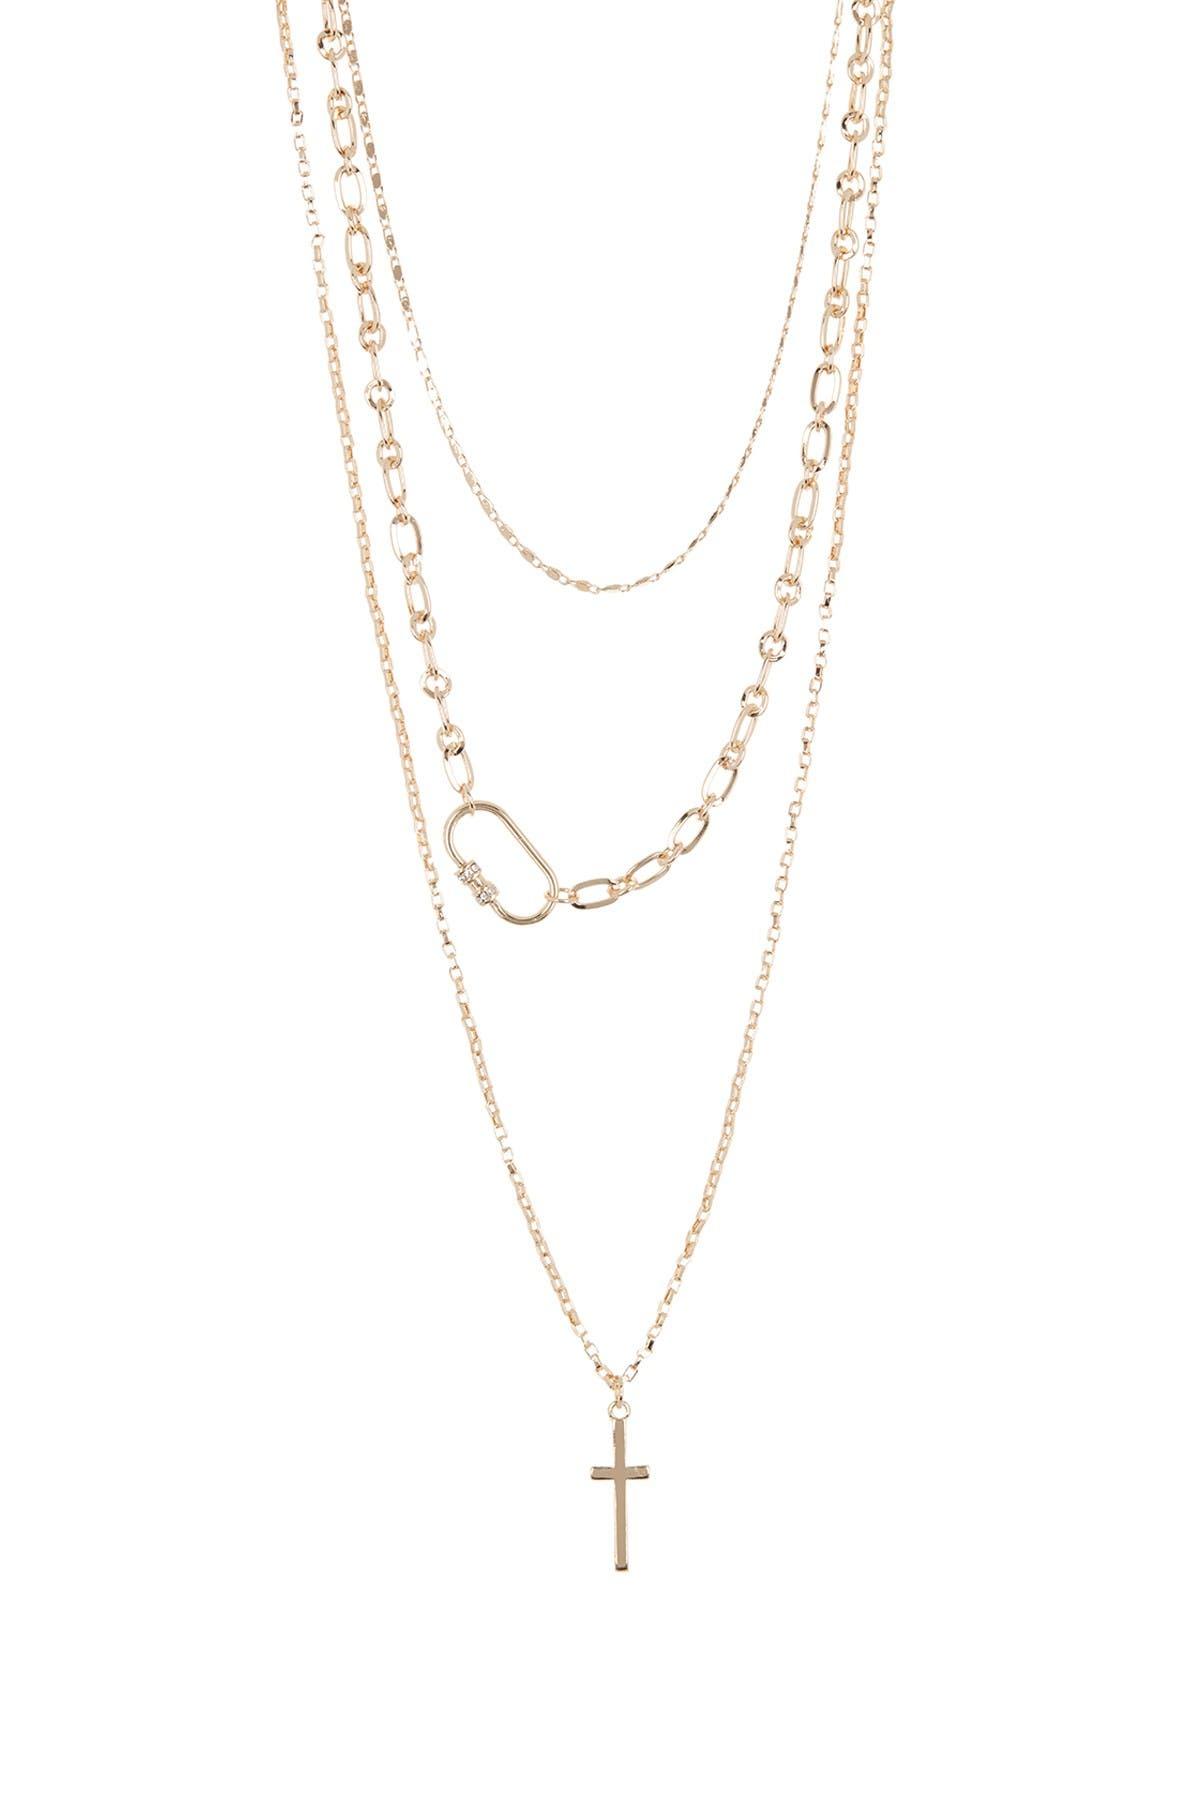 Image of AREA STARS Cris Necklace 3-Piece Set